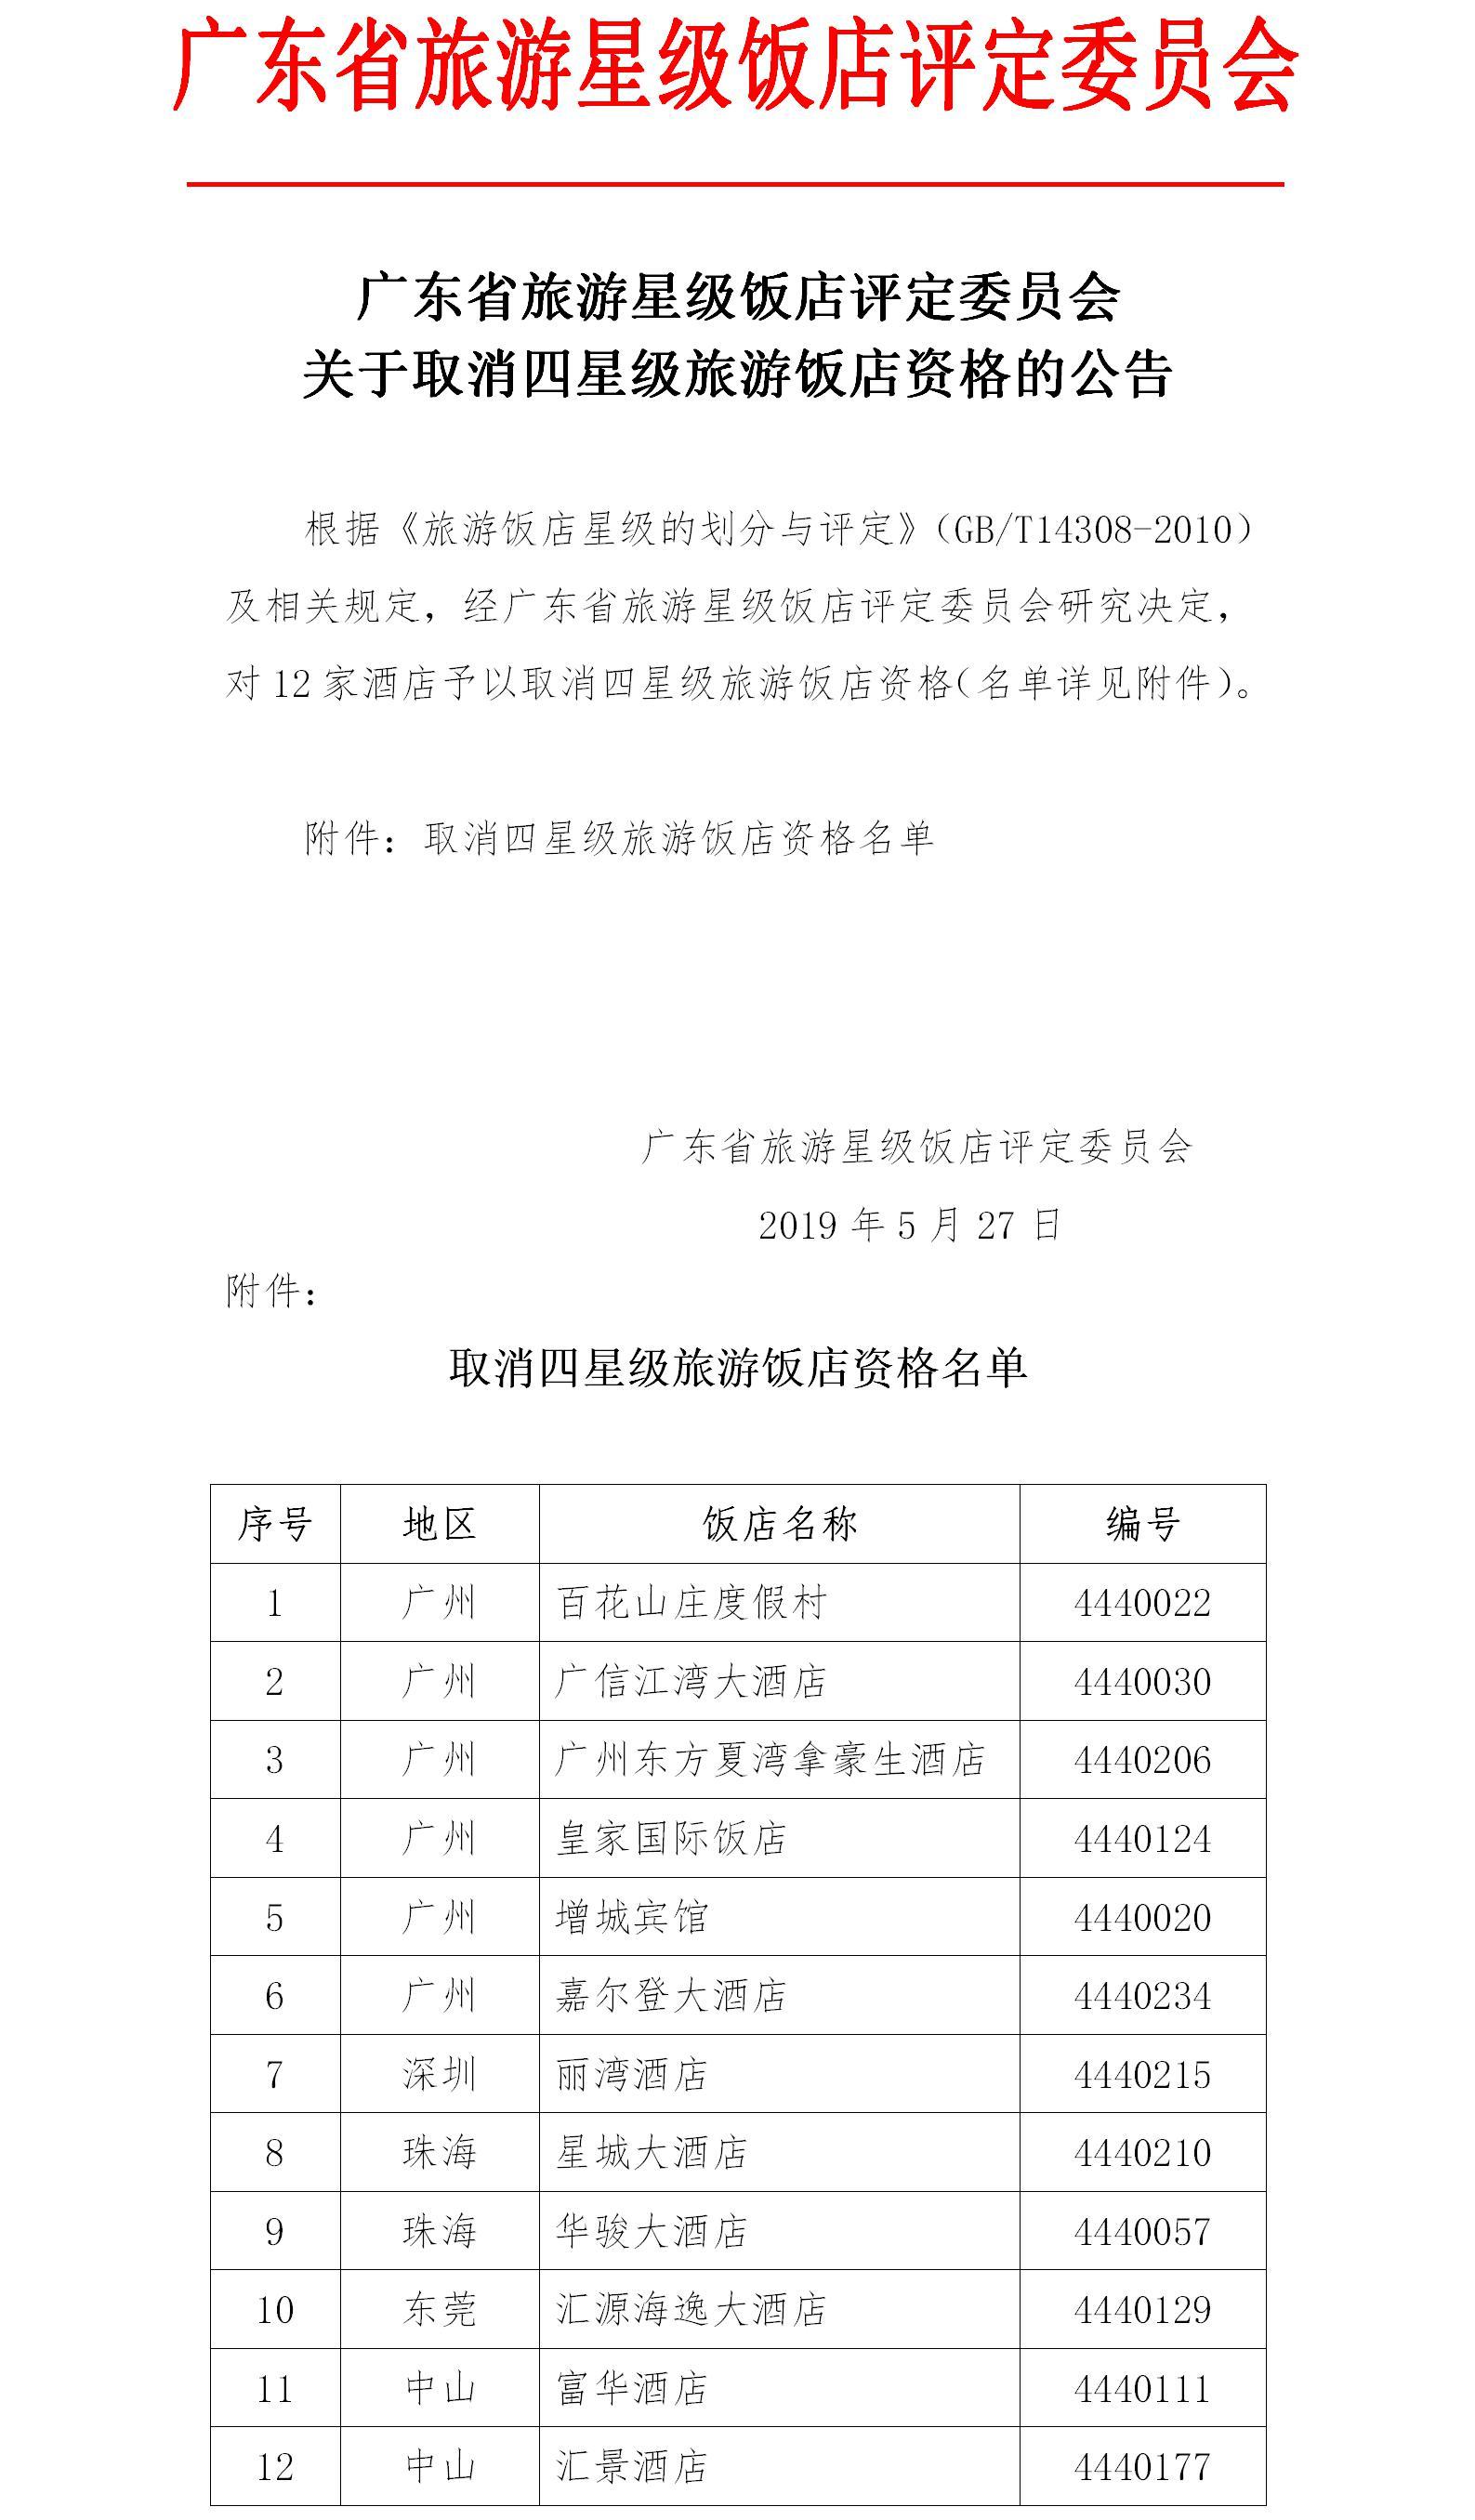 廣東省旅游星級飯店評定委員會關于取消四星級旅游飯店資格的公告_wps圖片